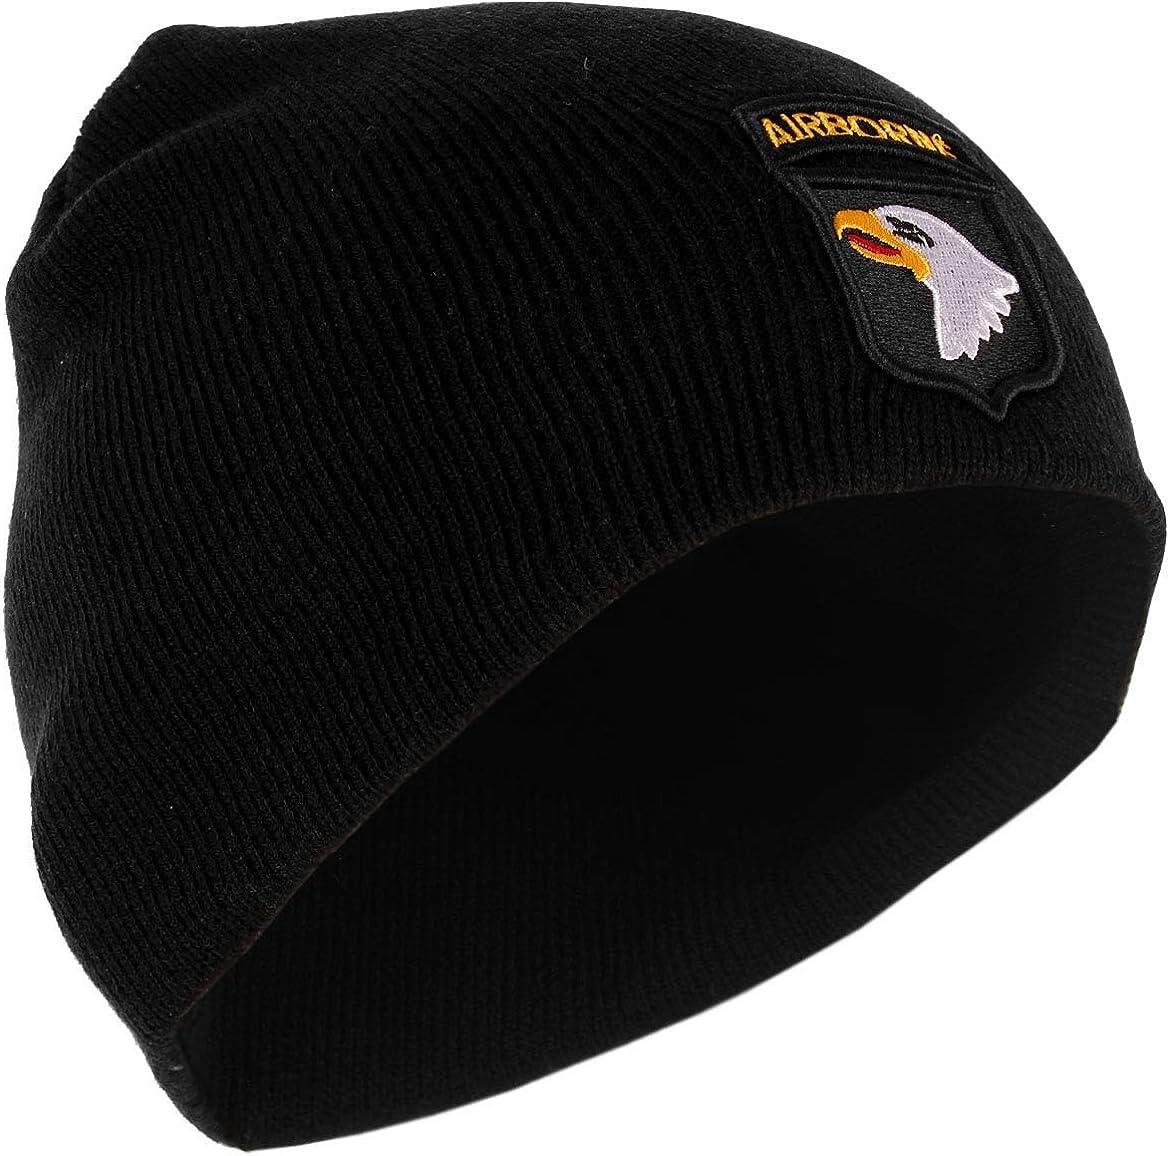 Fostex 101st Airborne Beanie Hat Black